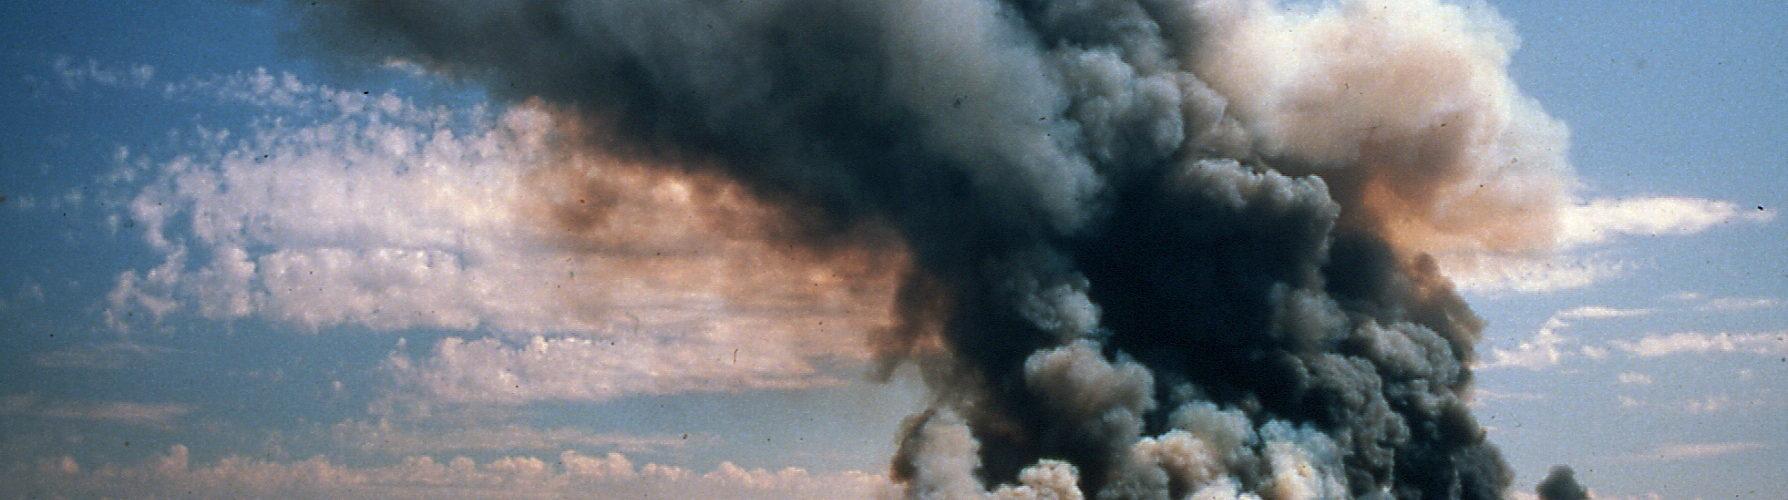 The 6 P's to Wildfire Preparedness & Survival